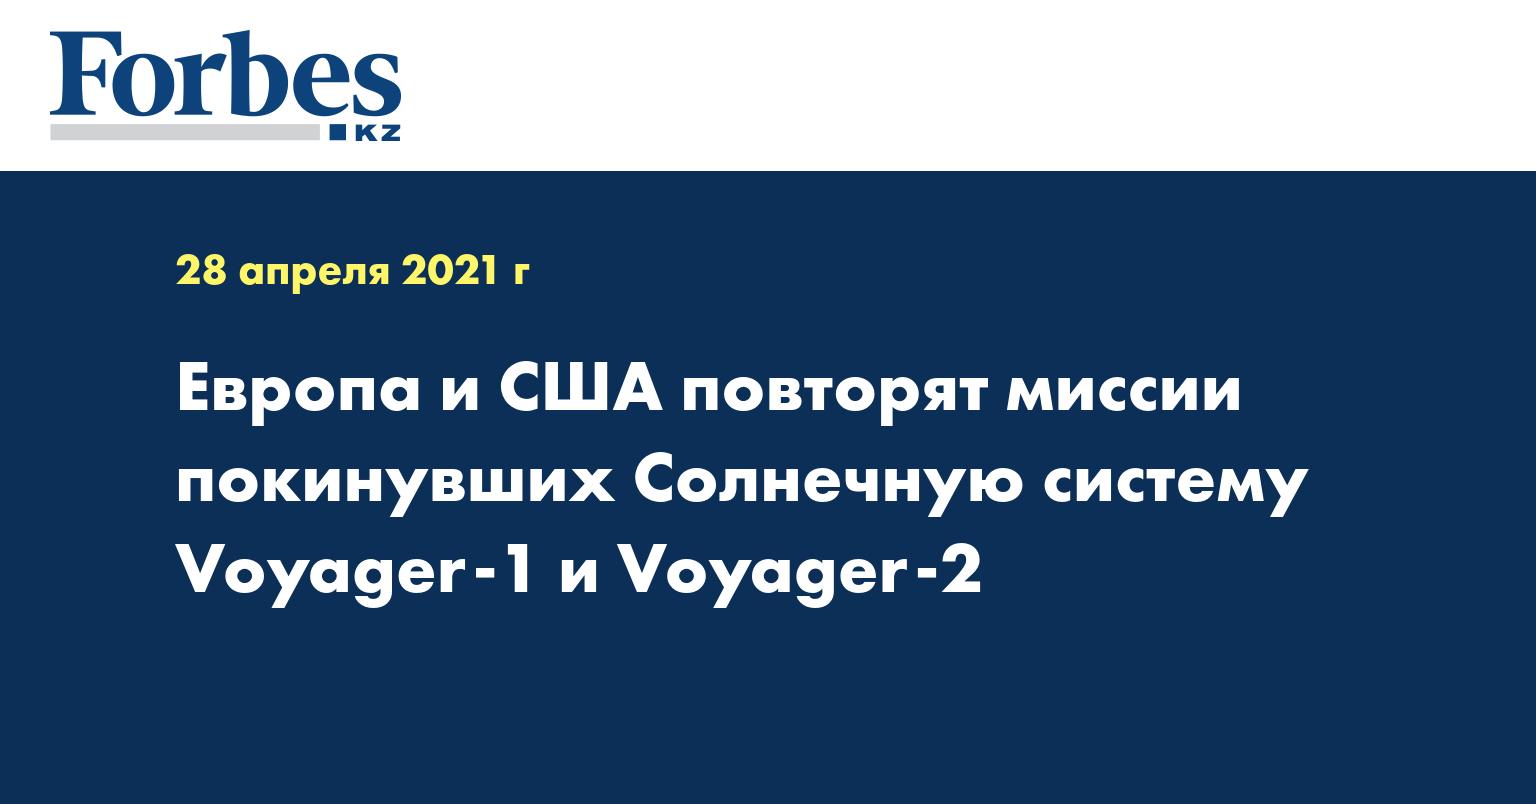 Европа и США повторят миссии покинувших Солнечную систему Voyager-1 и Voyager-2